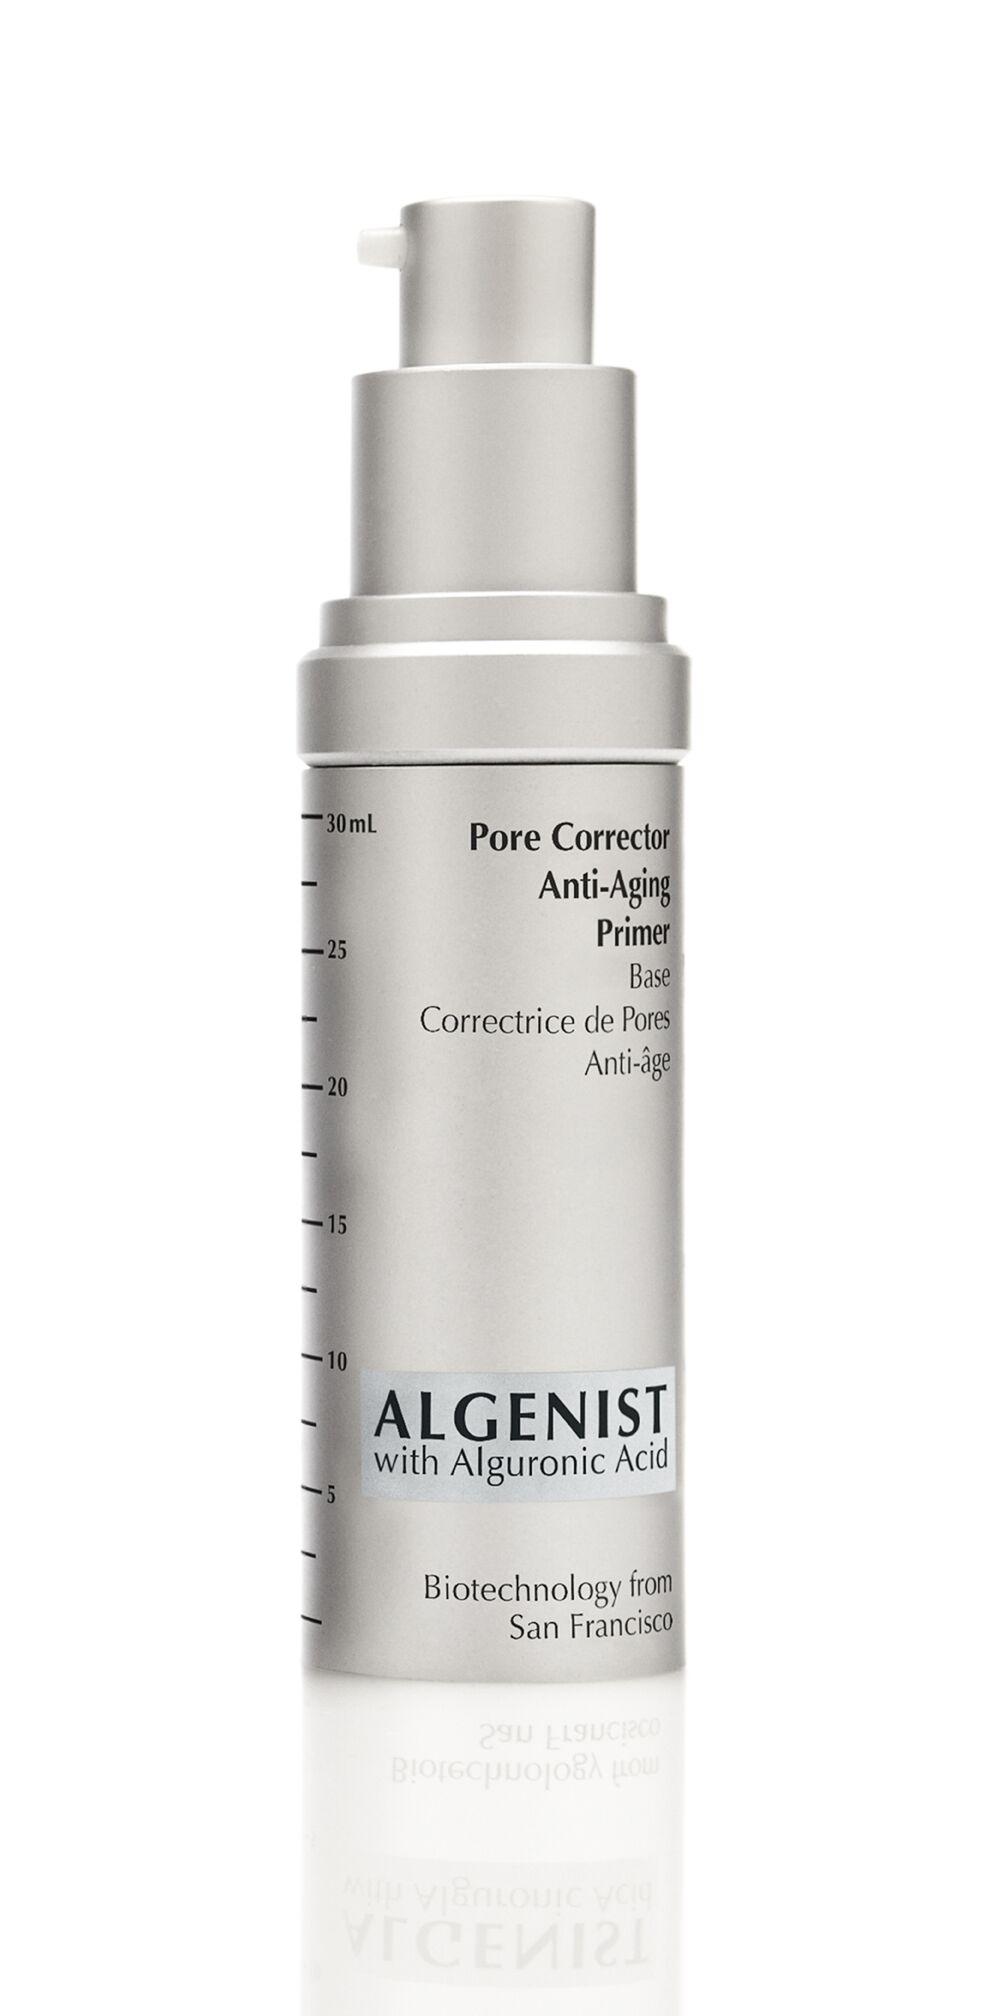 Algenist Pore Corrector Antiaging Primer, 30 ml